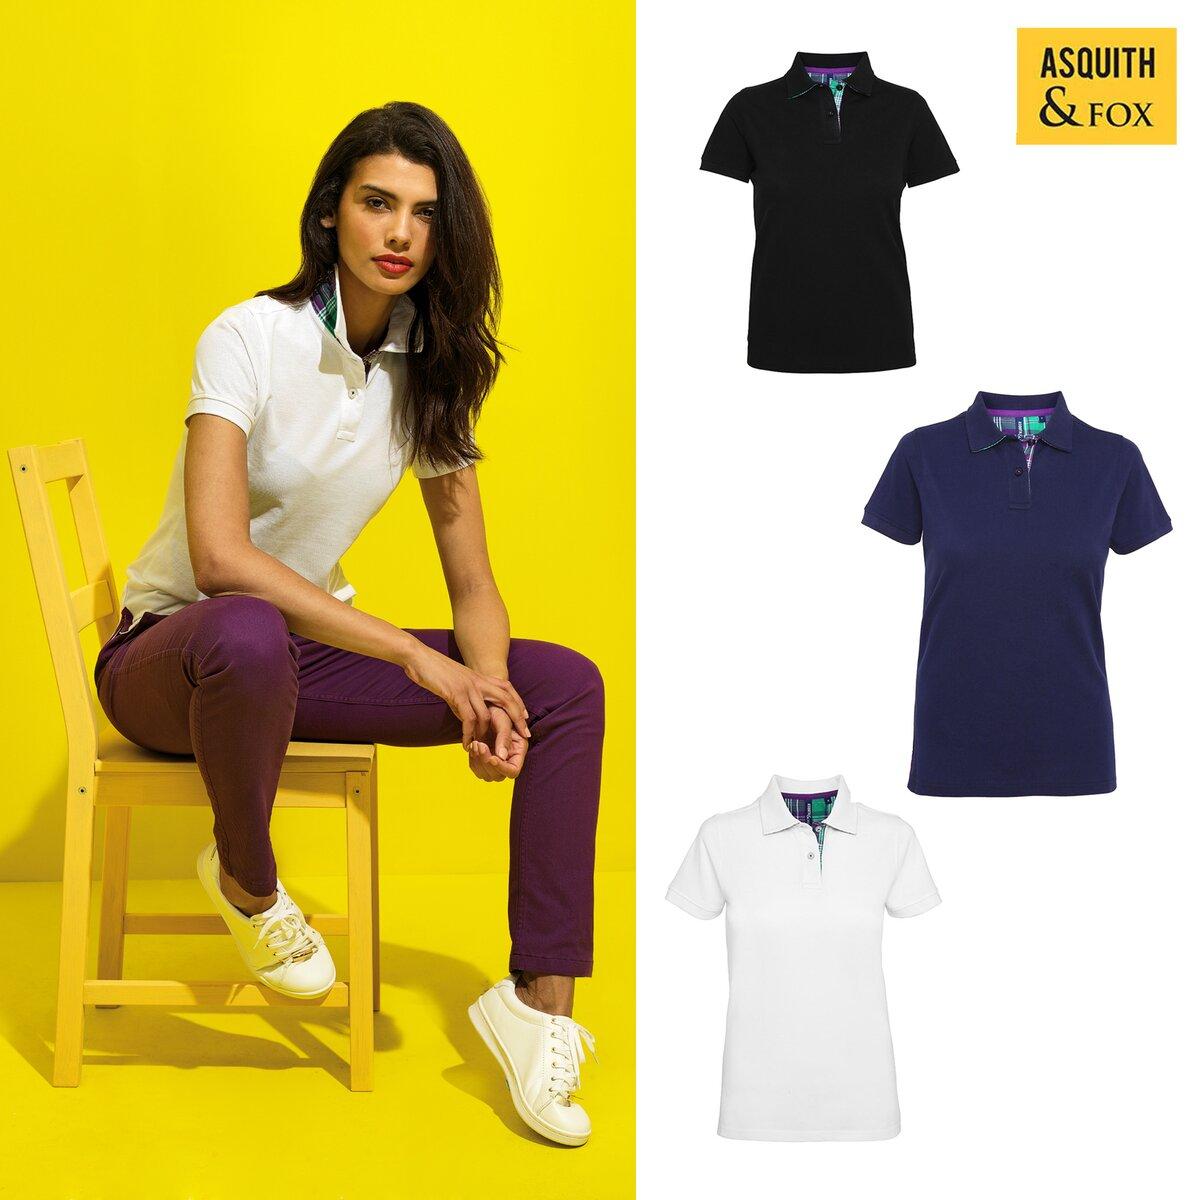 Womens Polo Shirt Women/'s Check Trim Polo Shirt Casual Top AQ024